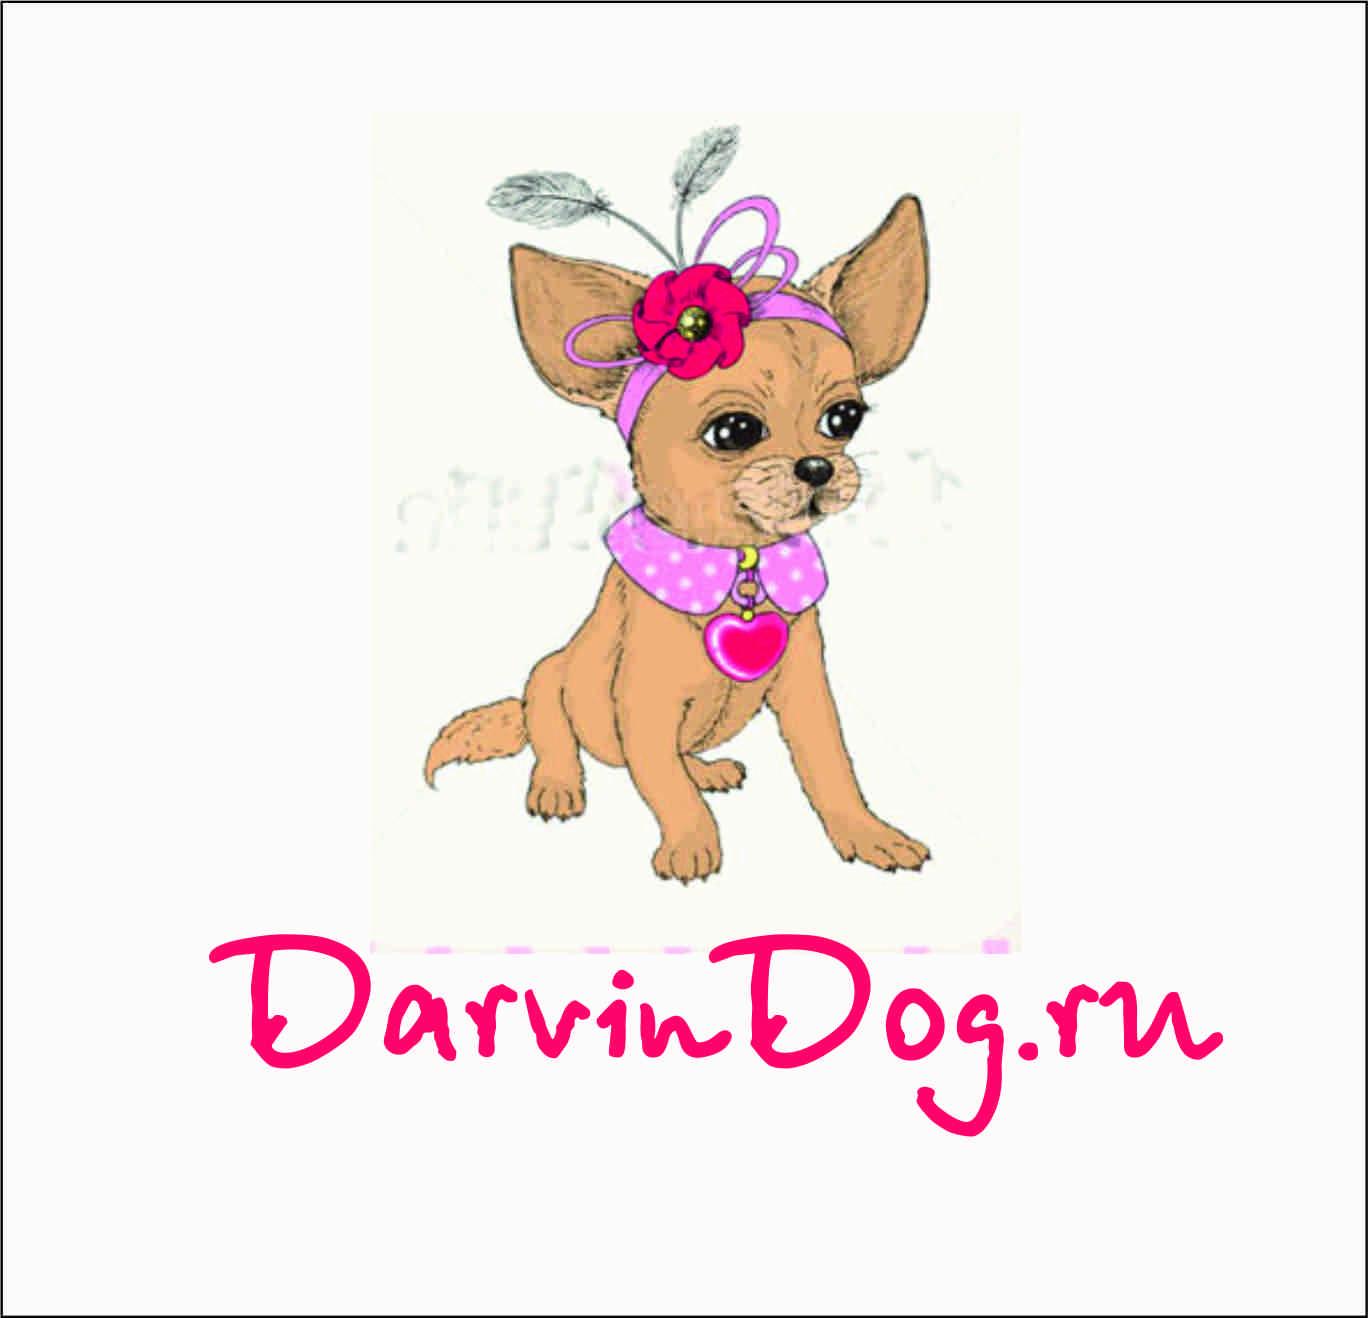 Создать логотип для интернет магазина одежды для собак фото f_60256519a078bab2.jpg